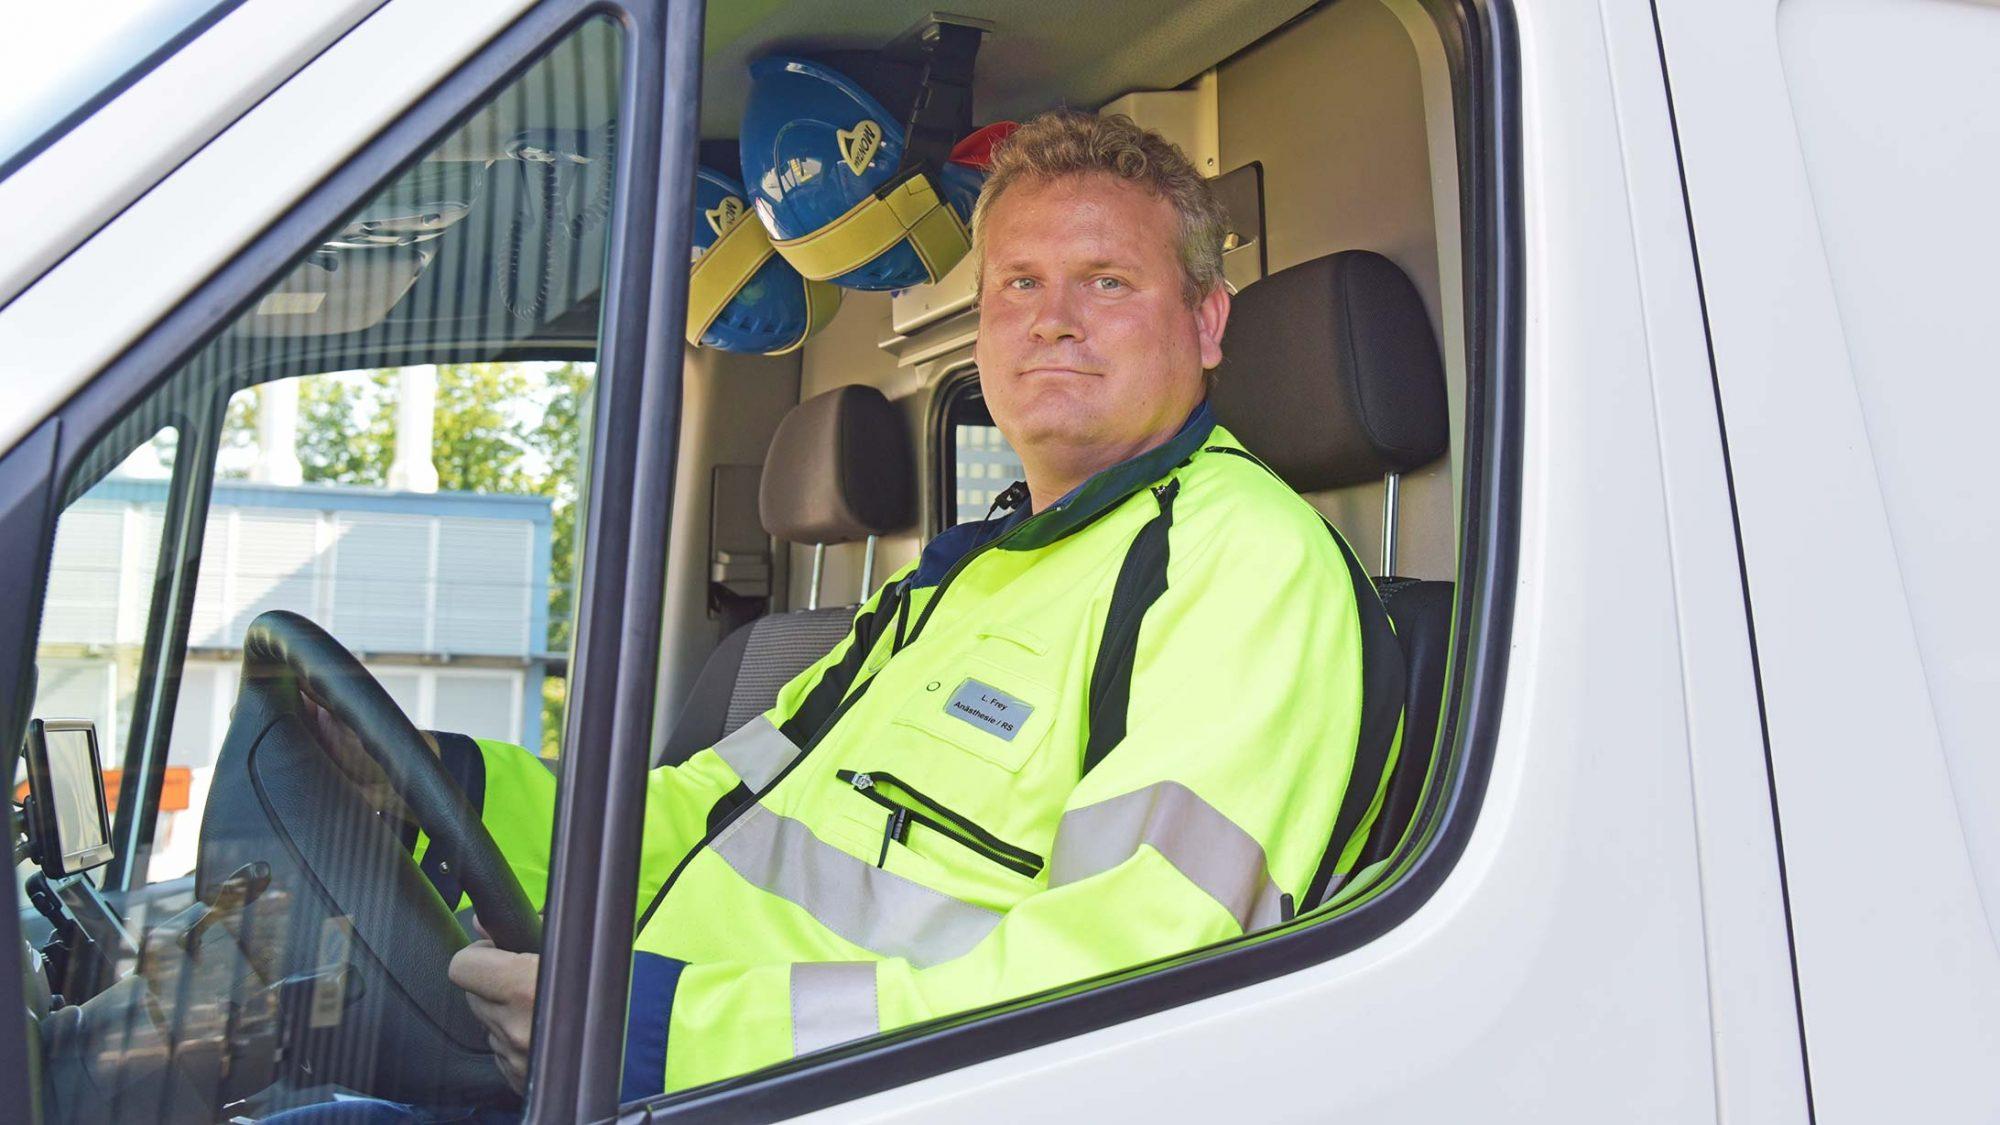 Rettungssanitäter Lukas Frey sitzt in der Ambulanz.